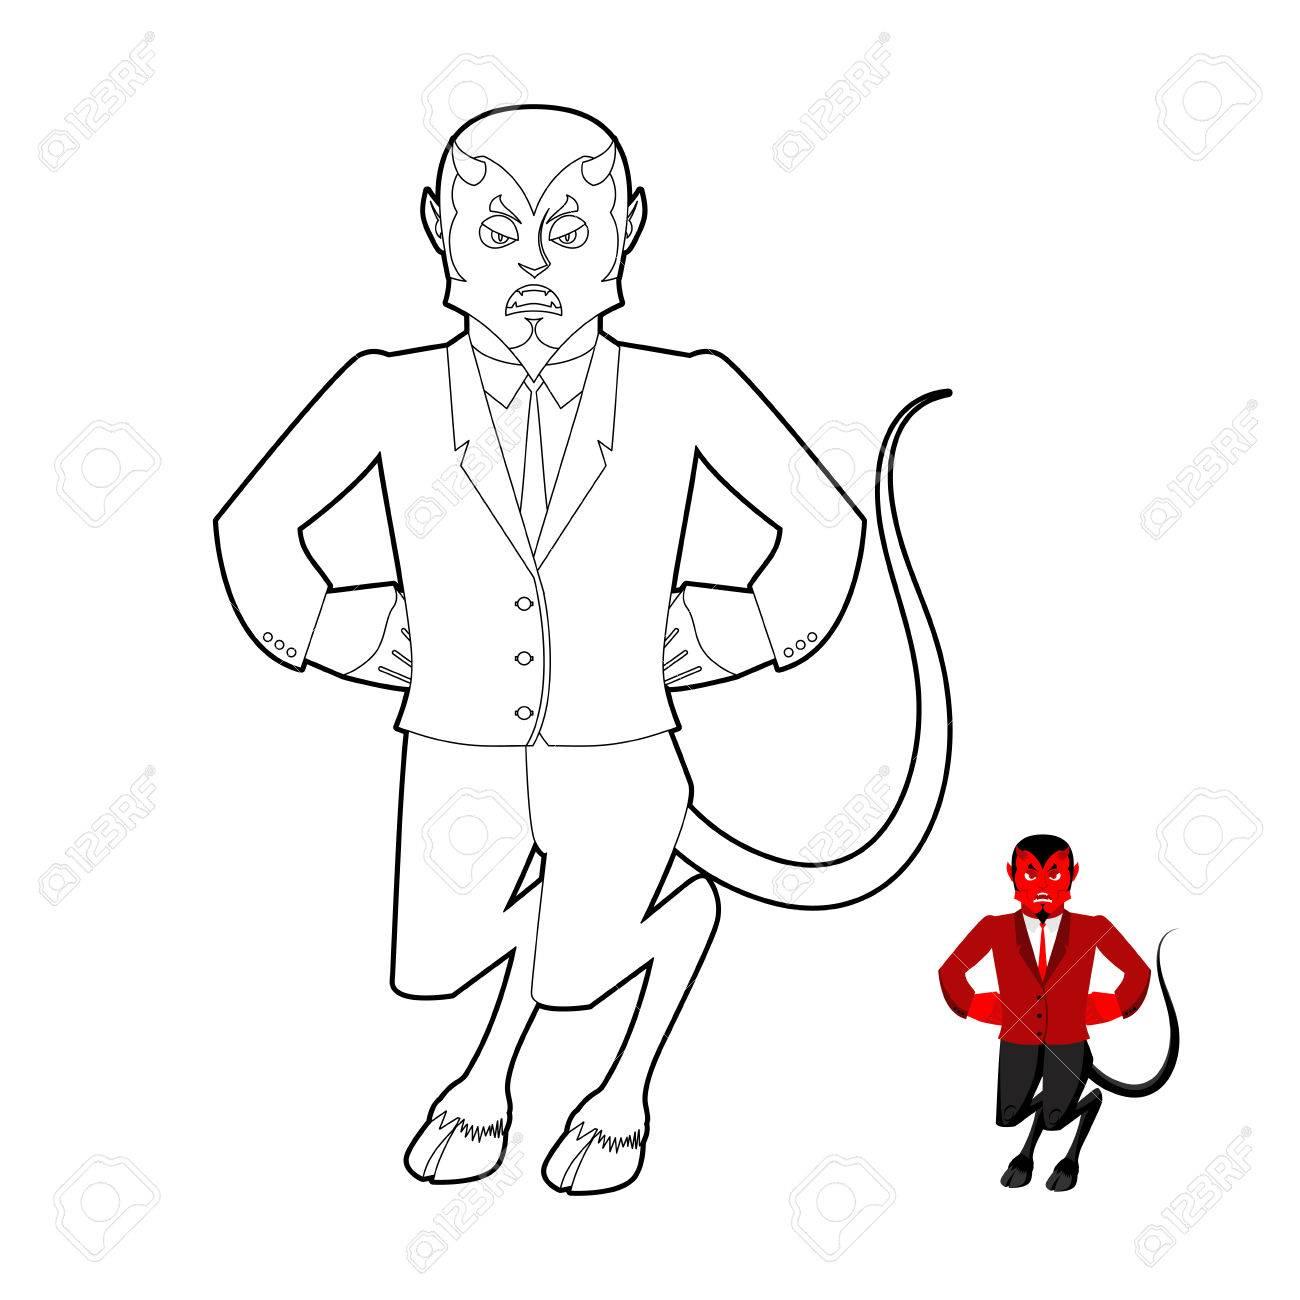 Livre De Coloriage Diable Demon Dans Le Style Lineaire Crafty Satan Avec Des Cornes Prince Des Tenebres Du Monde Souterrain Lucifer Patron Caractere Religieux Et Mythologique Esprit Supreme Du Mal Diablo Seigneur